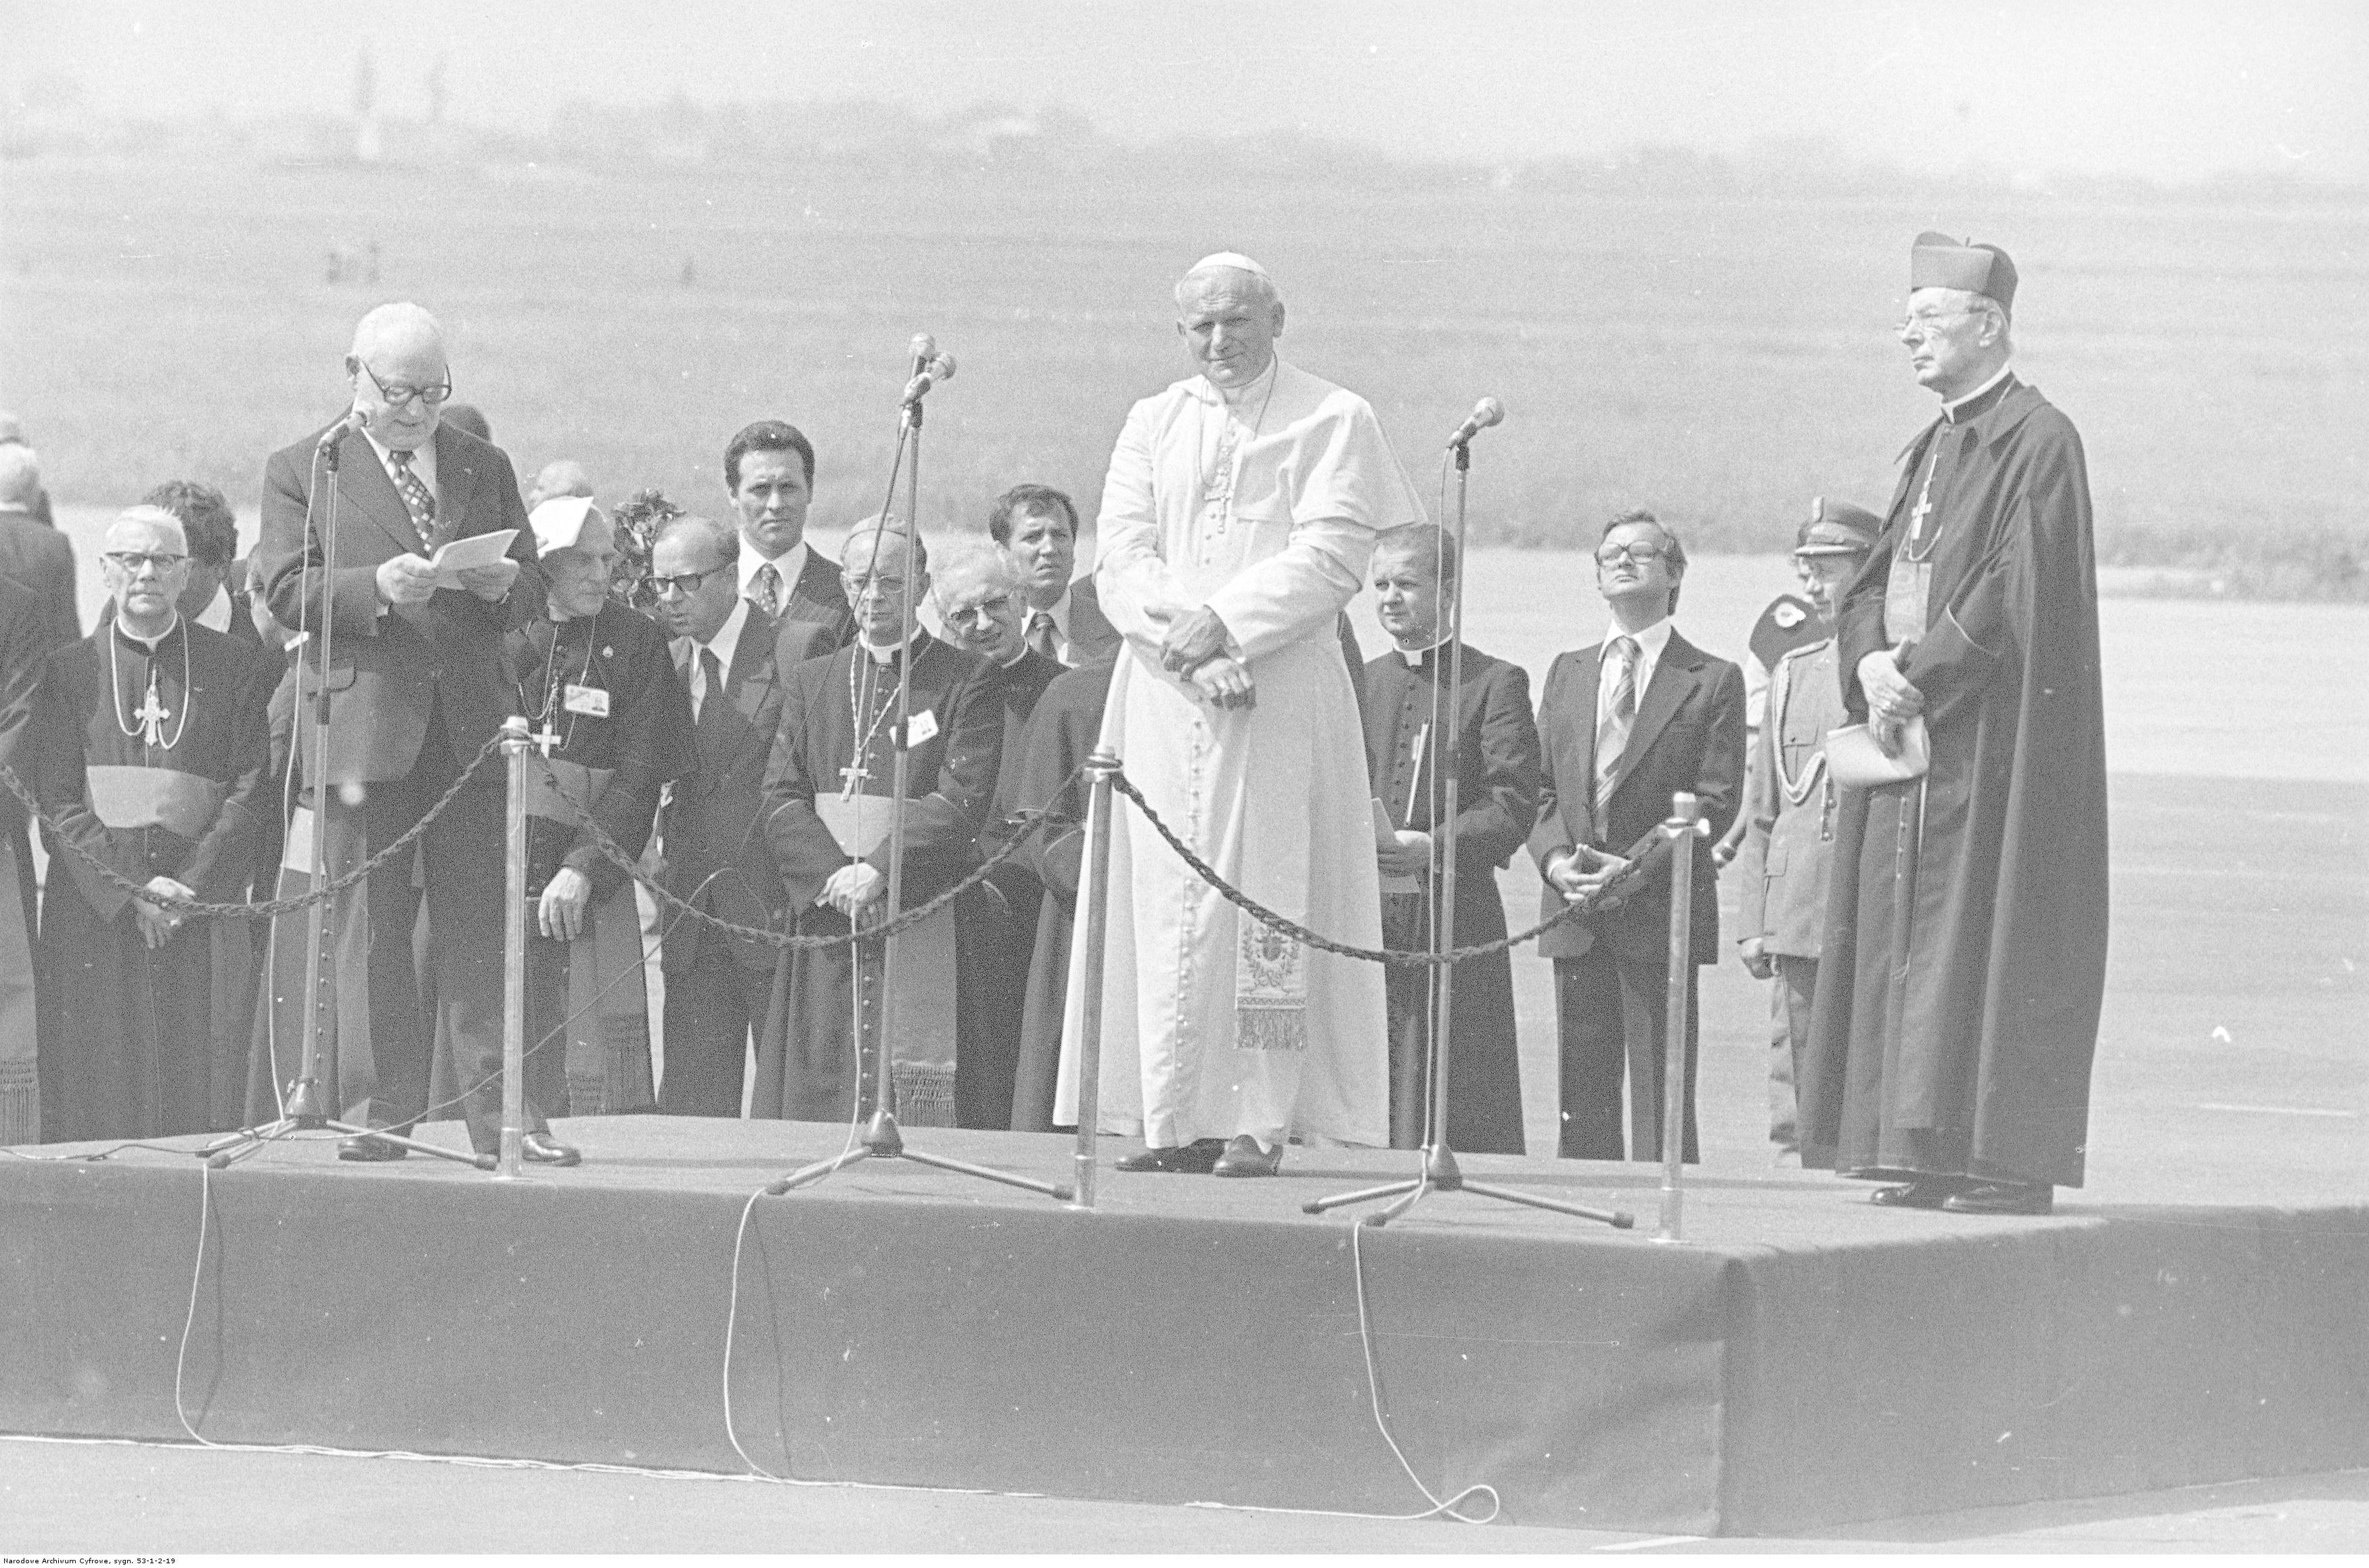 na lotnisku ustwione podium, na nim stoją papież i inny przemawiający mężczyzna, w tle rząd mężczyzn w odświętnych strojach